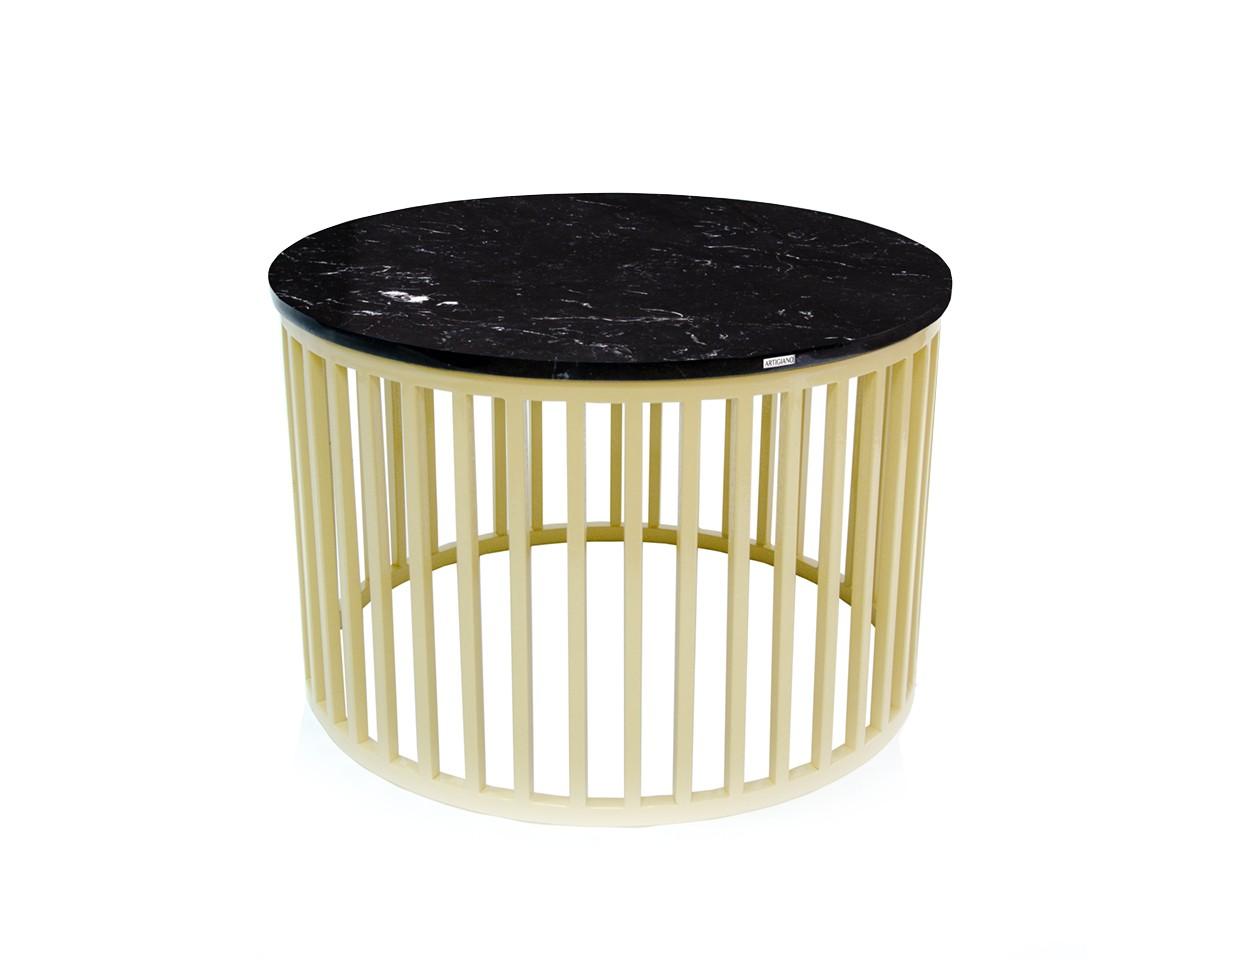 Elegancki Stolik Kawowy Złoto I Marmur W Jednym Ponadczasowy Element Dekoracji Twojego Salonu